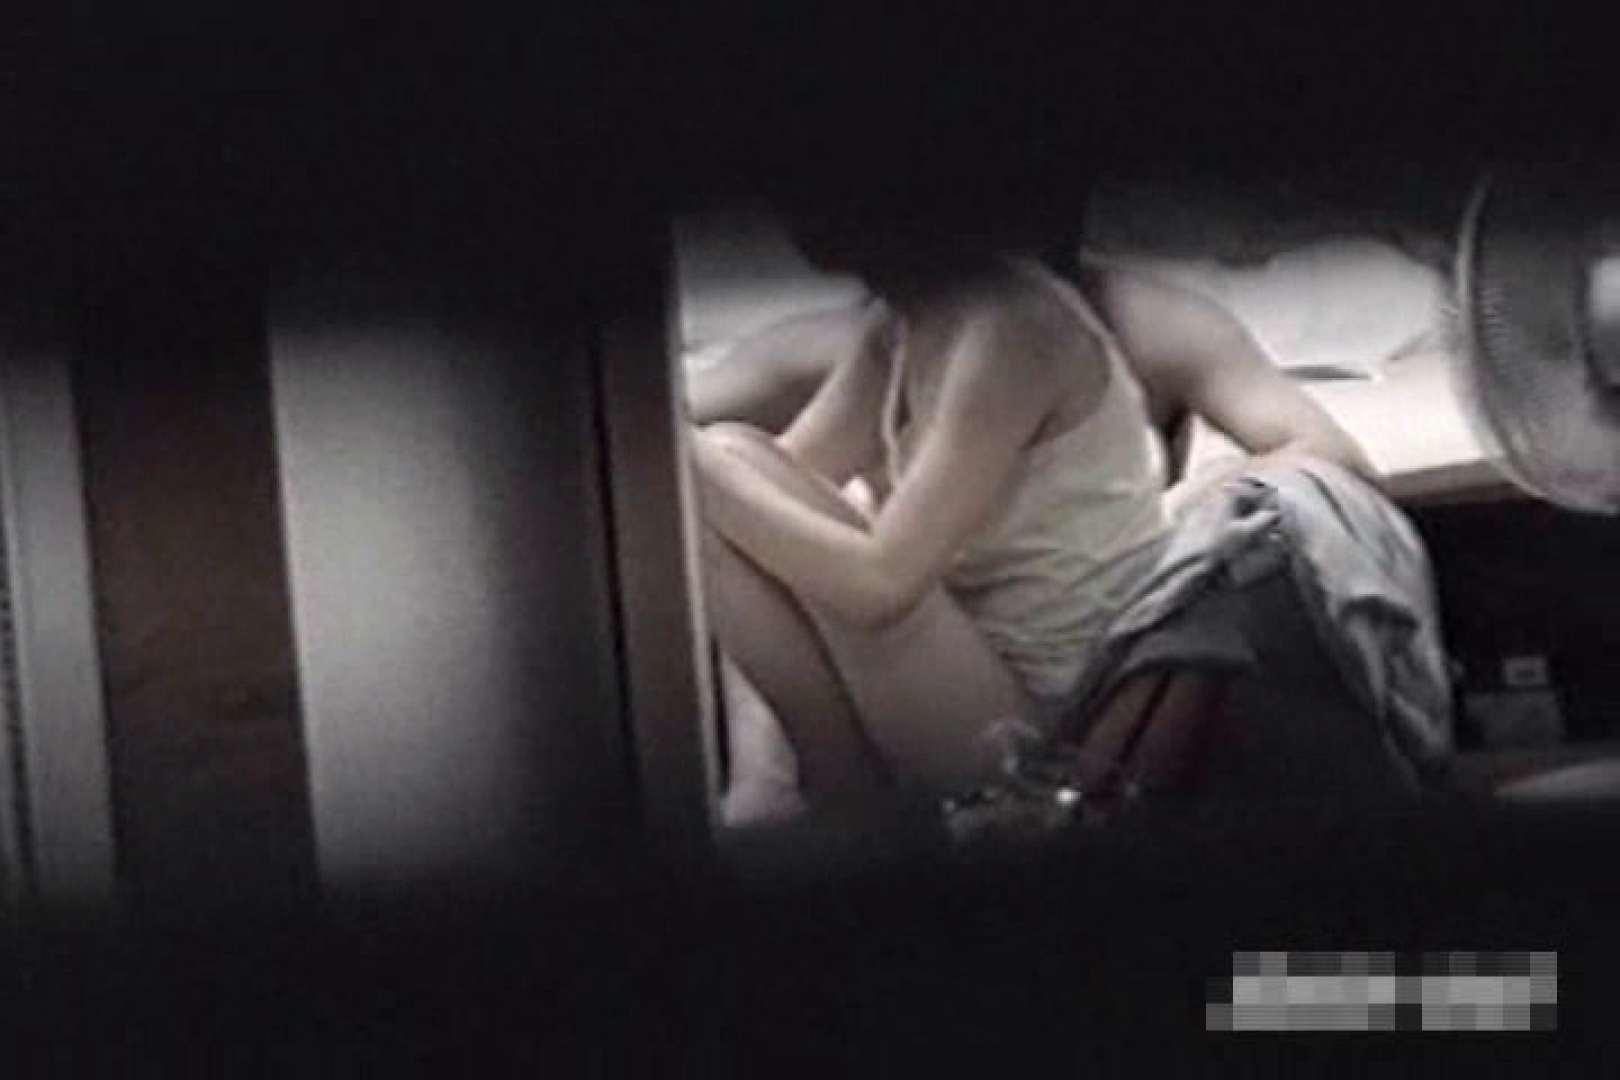 プライベートの極技!!Vol.1 セックス SEX無修正画像 93pic 23